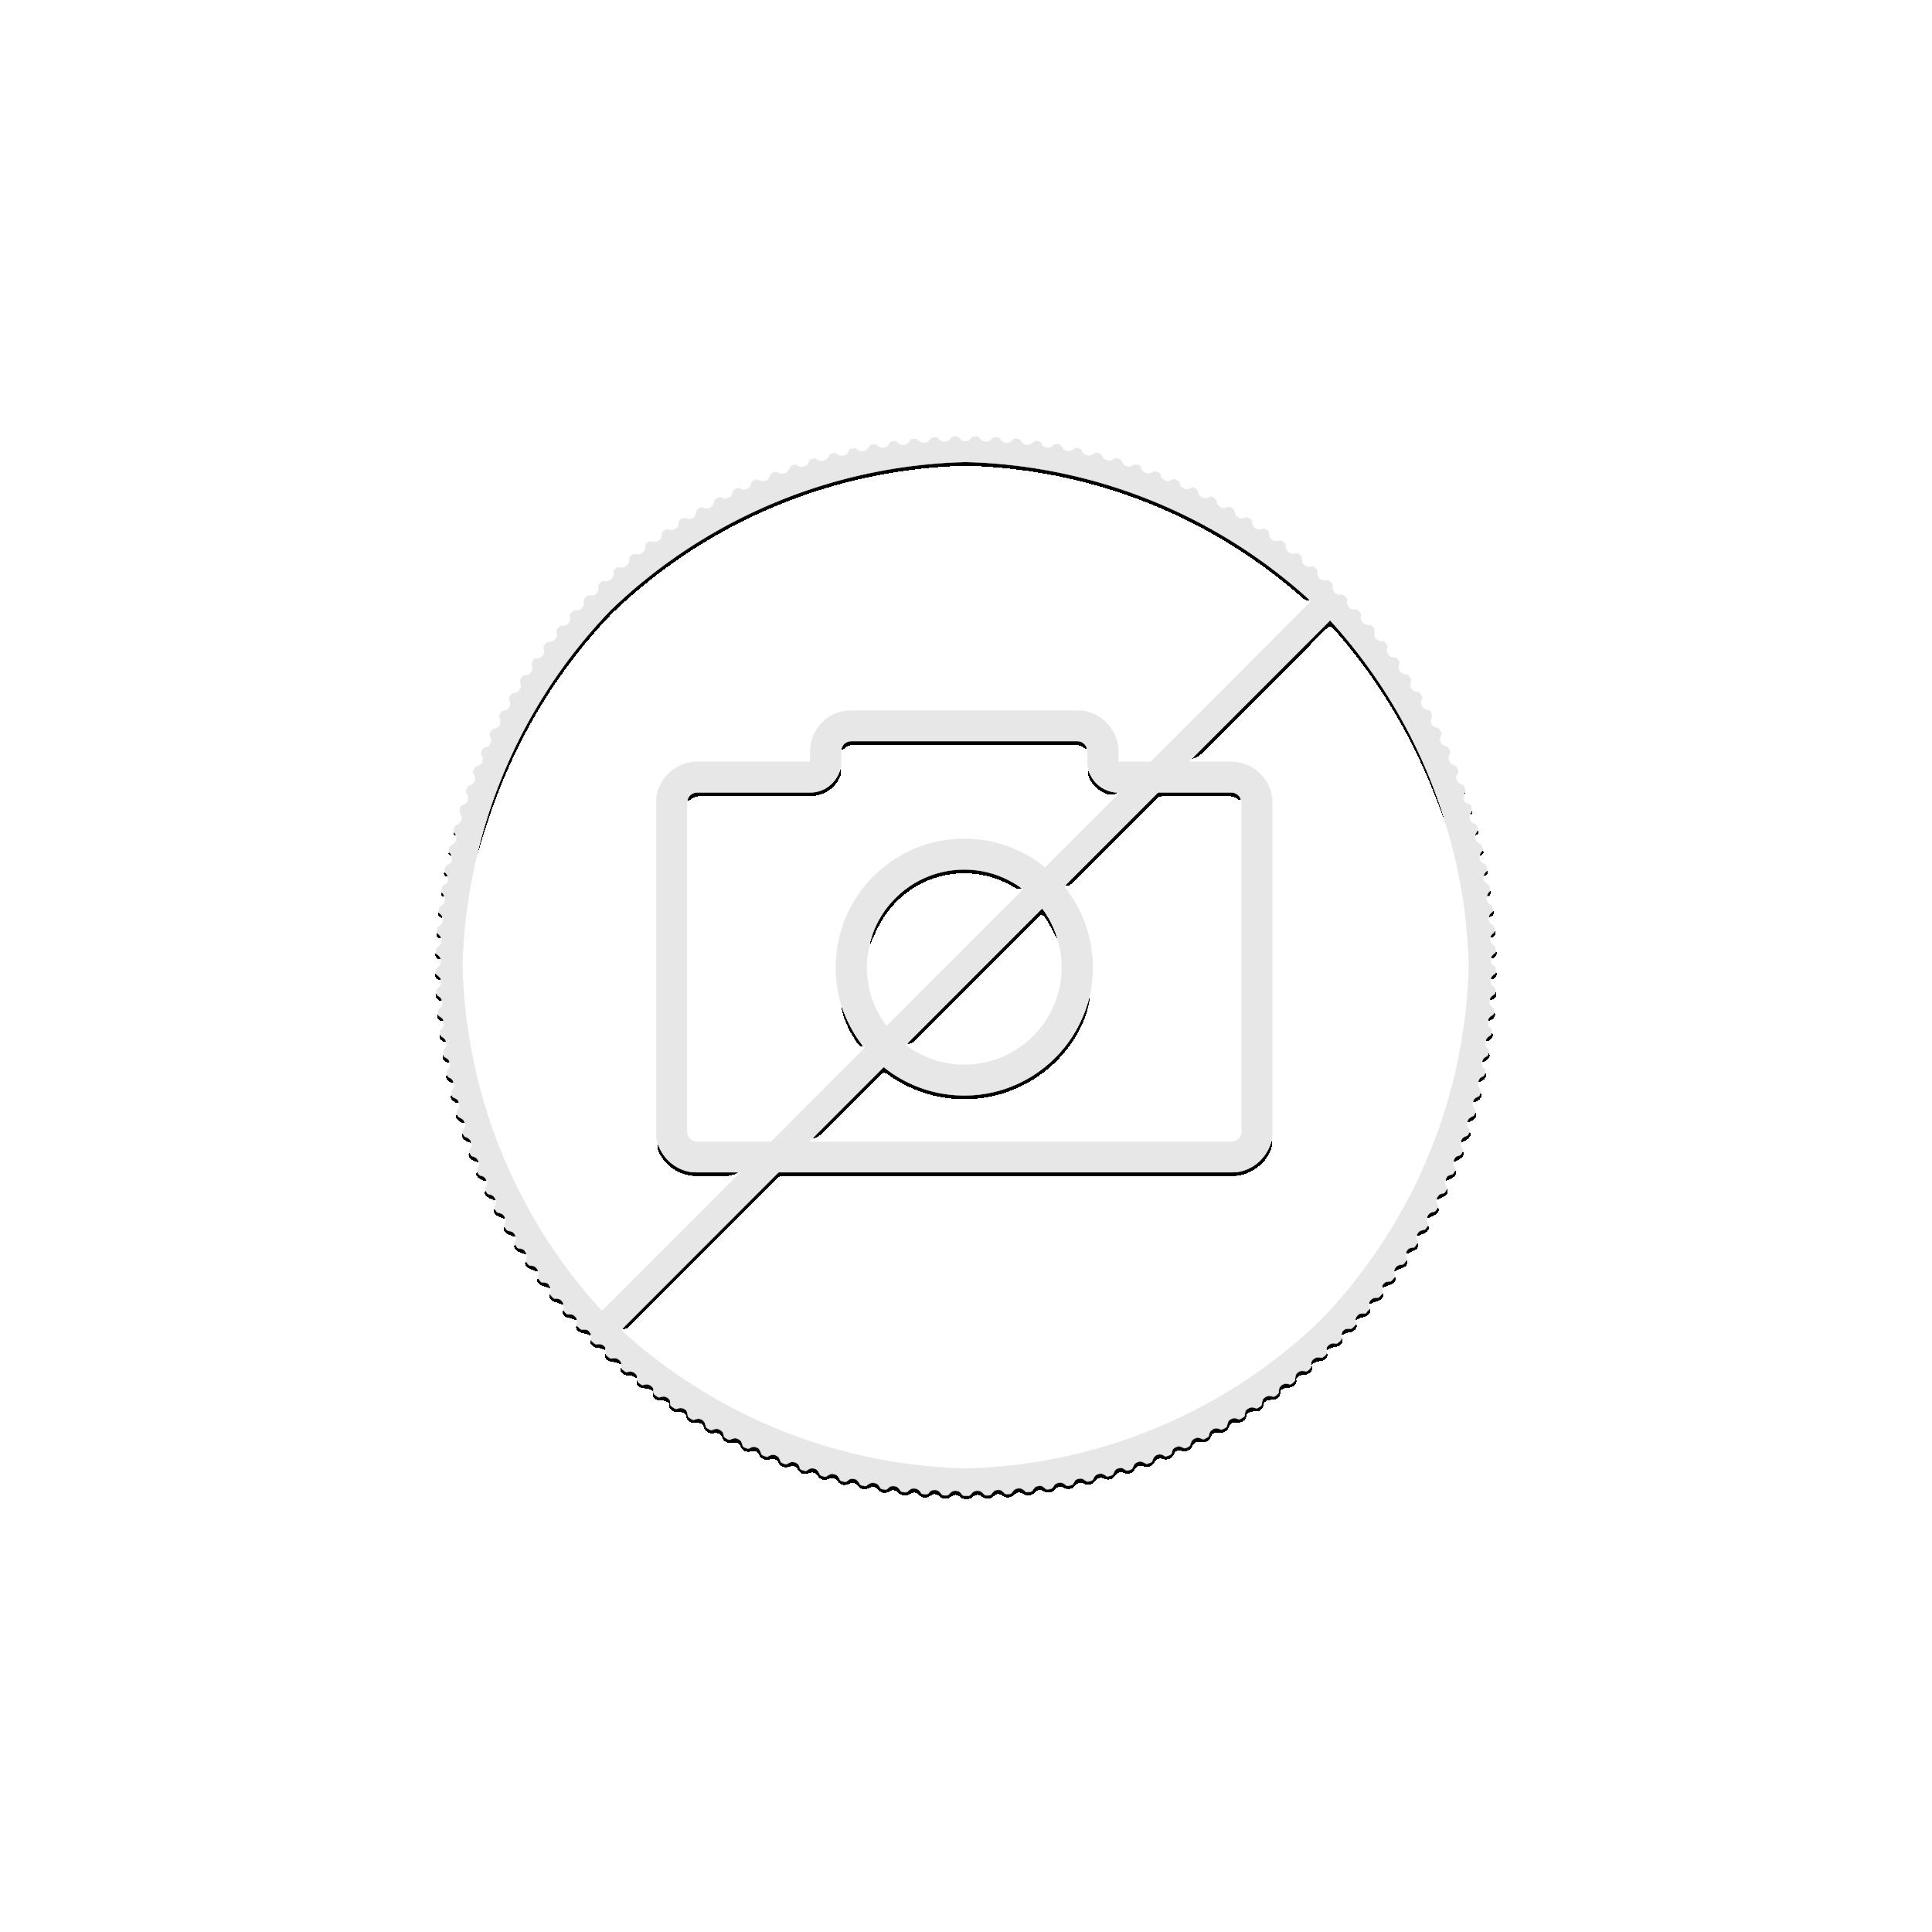 1/10 Troy ounce gold coin Lunar 2020